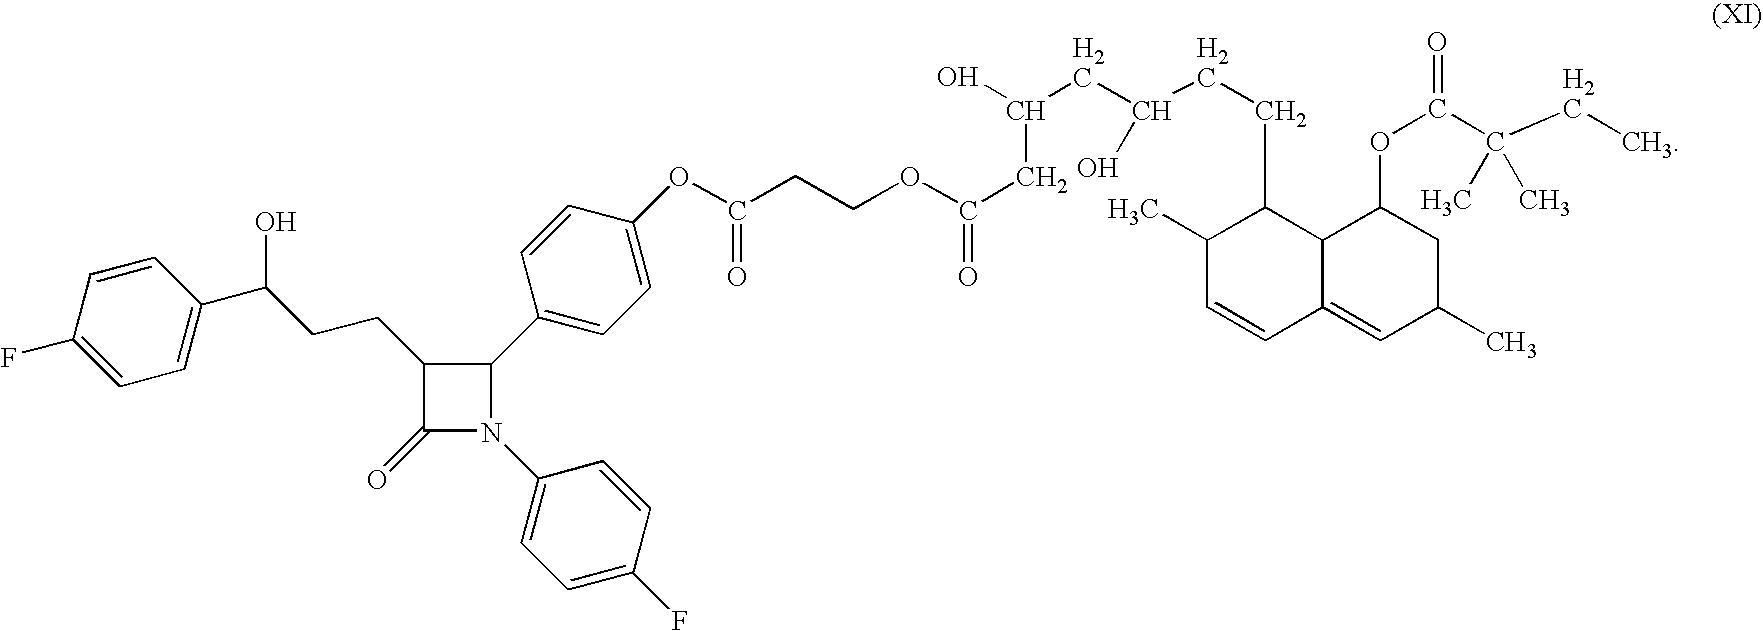 Figure US07741289-20100622-C00024